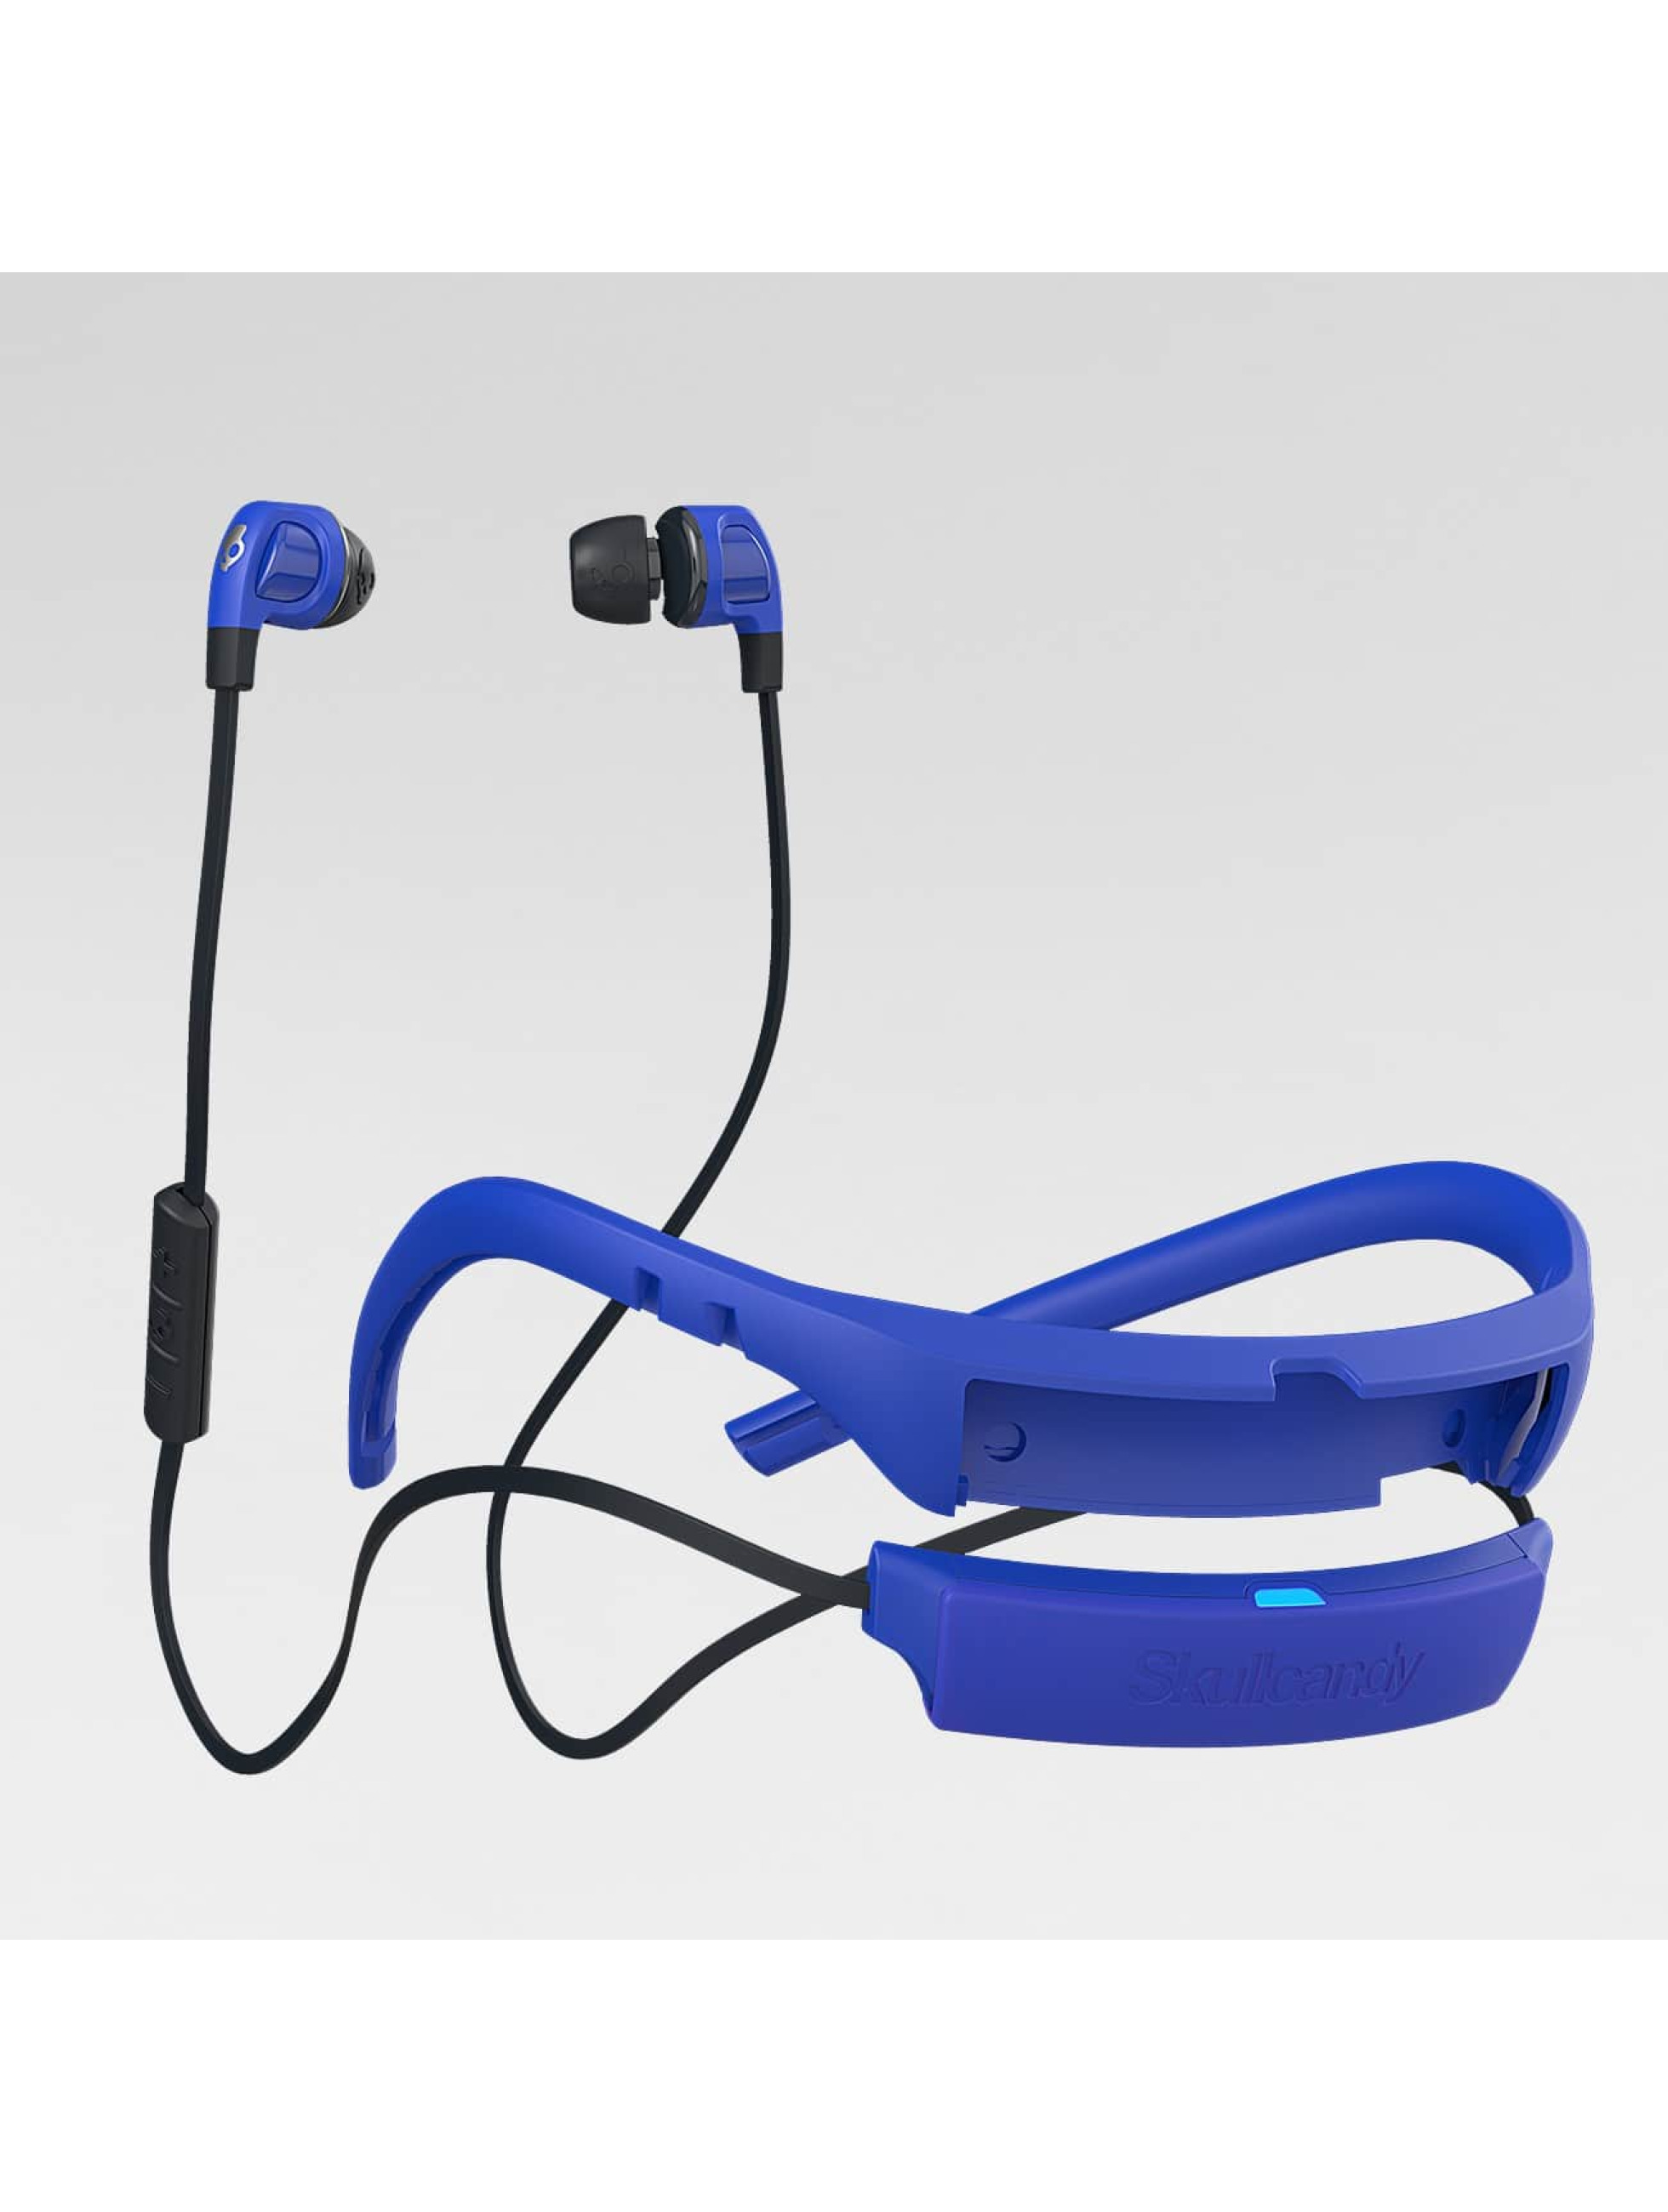 Skullcandy Słuchawki Smokin Bud 2 Wireless niebieski